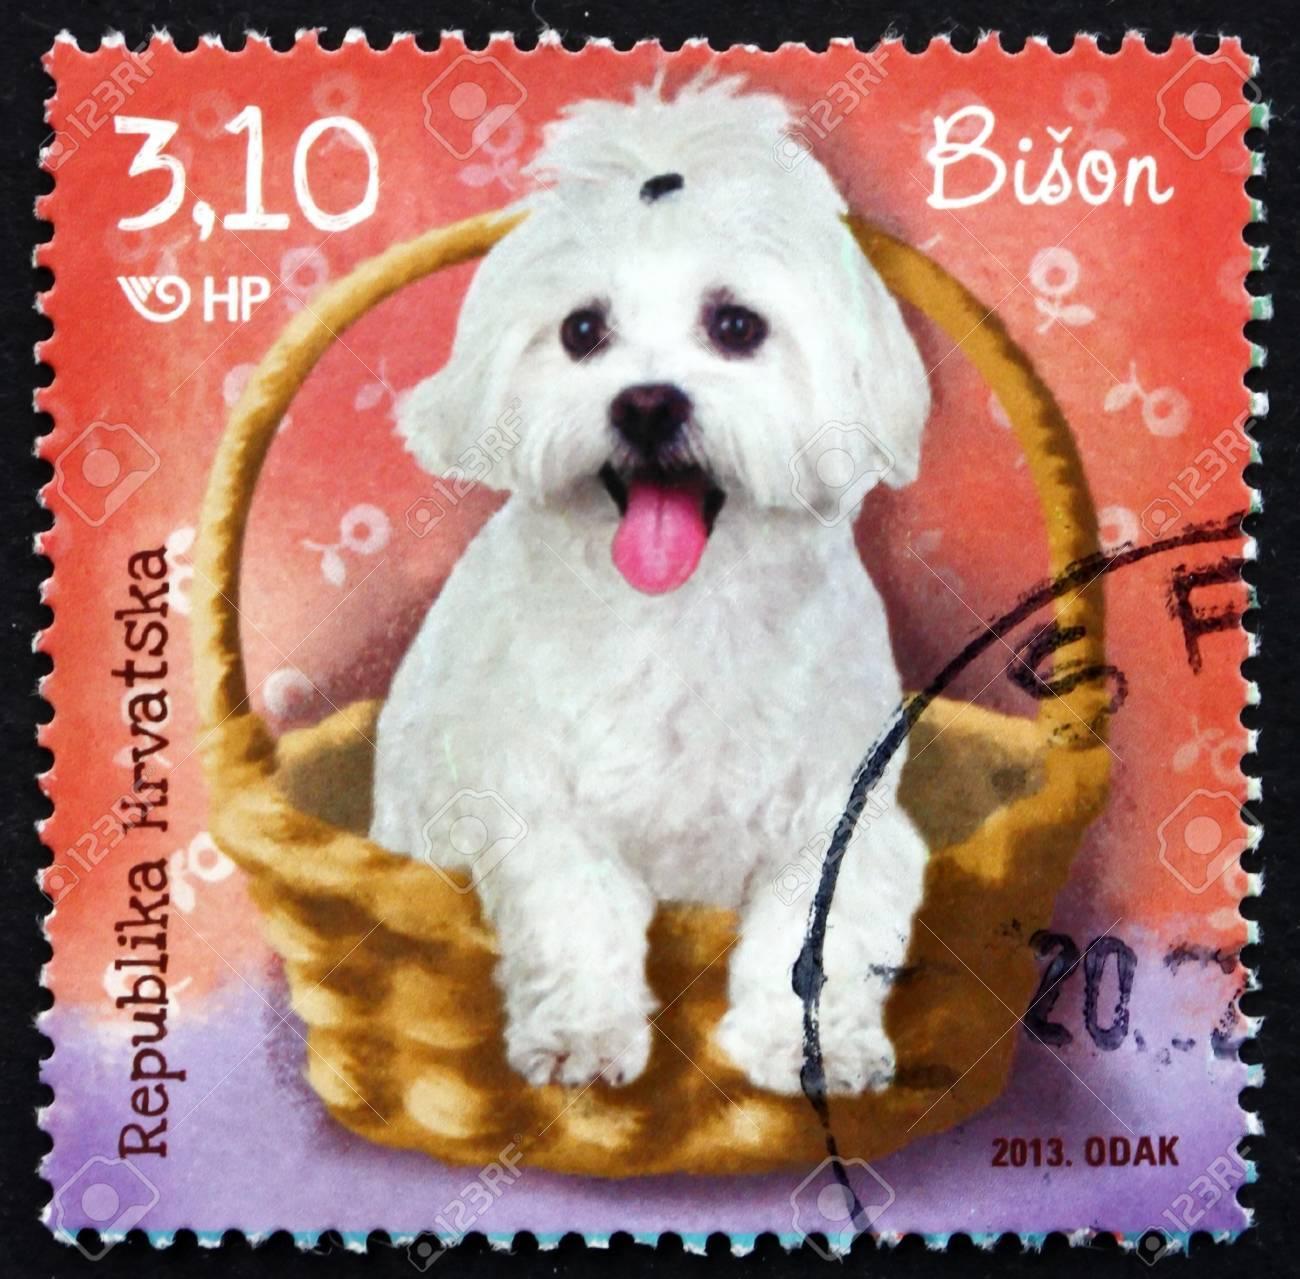 Croatia Circa 2013 A Stamp Printed In The Croatia Shows Bichon